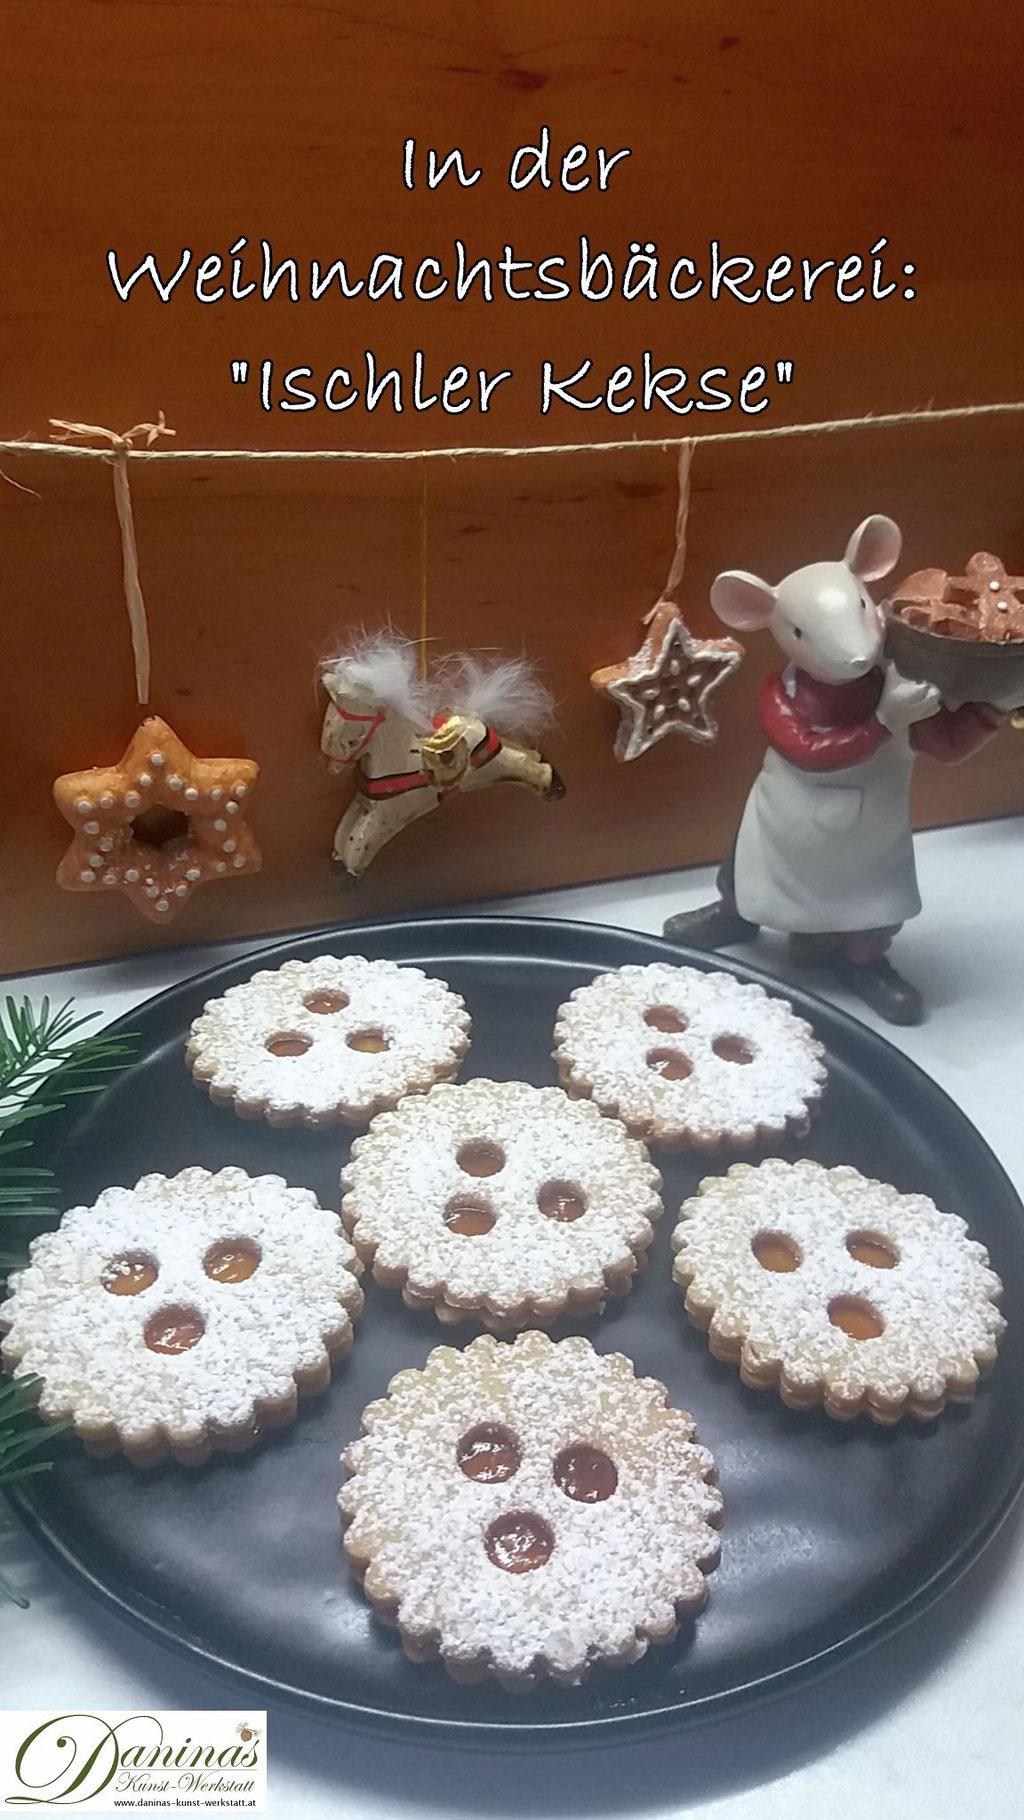 Traditionelle Weihnachtskekse österreich.Ischler Kekse Daninas Kunst Werkstatt